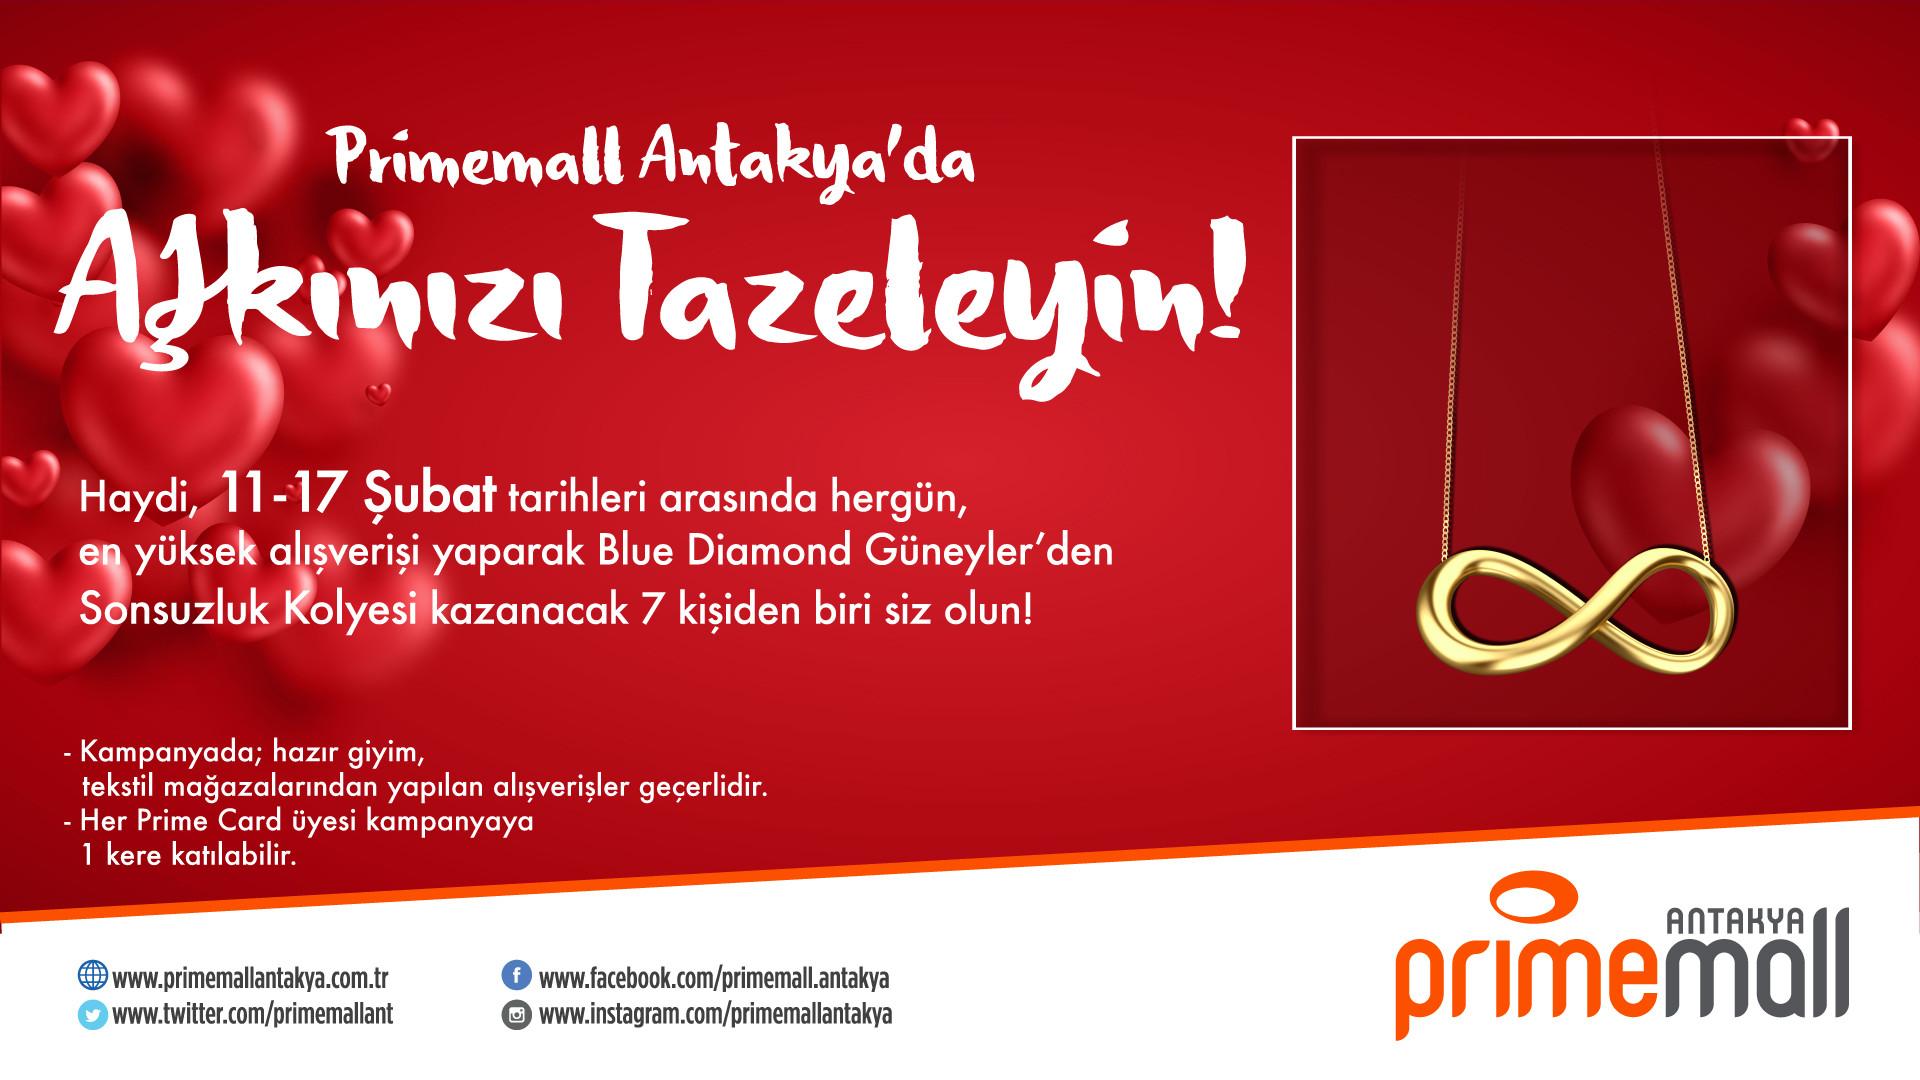 Primemall Antakya'da Aşkınızı Tazeleyin!